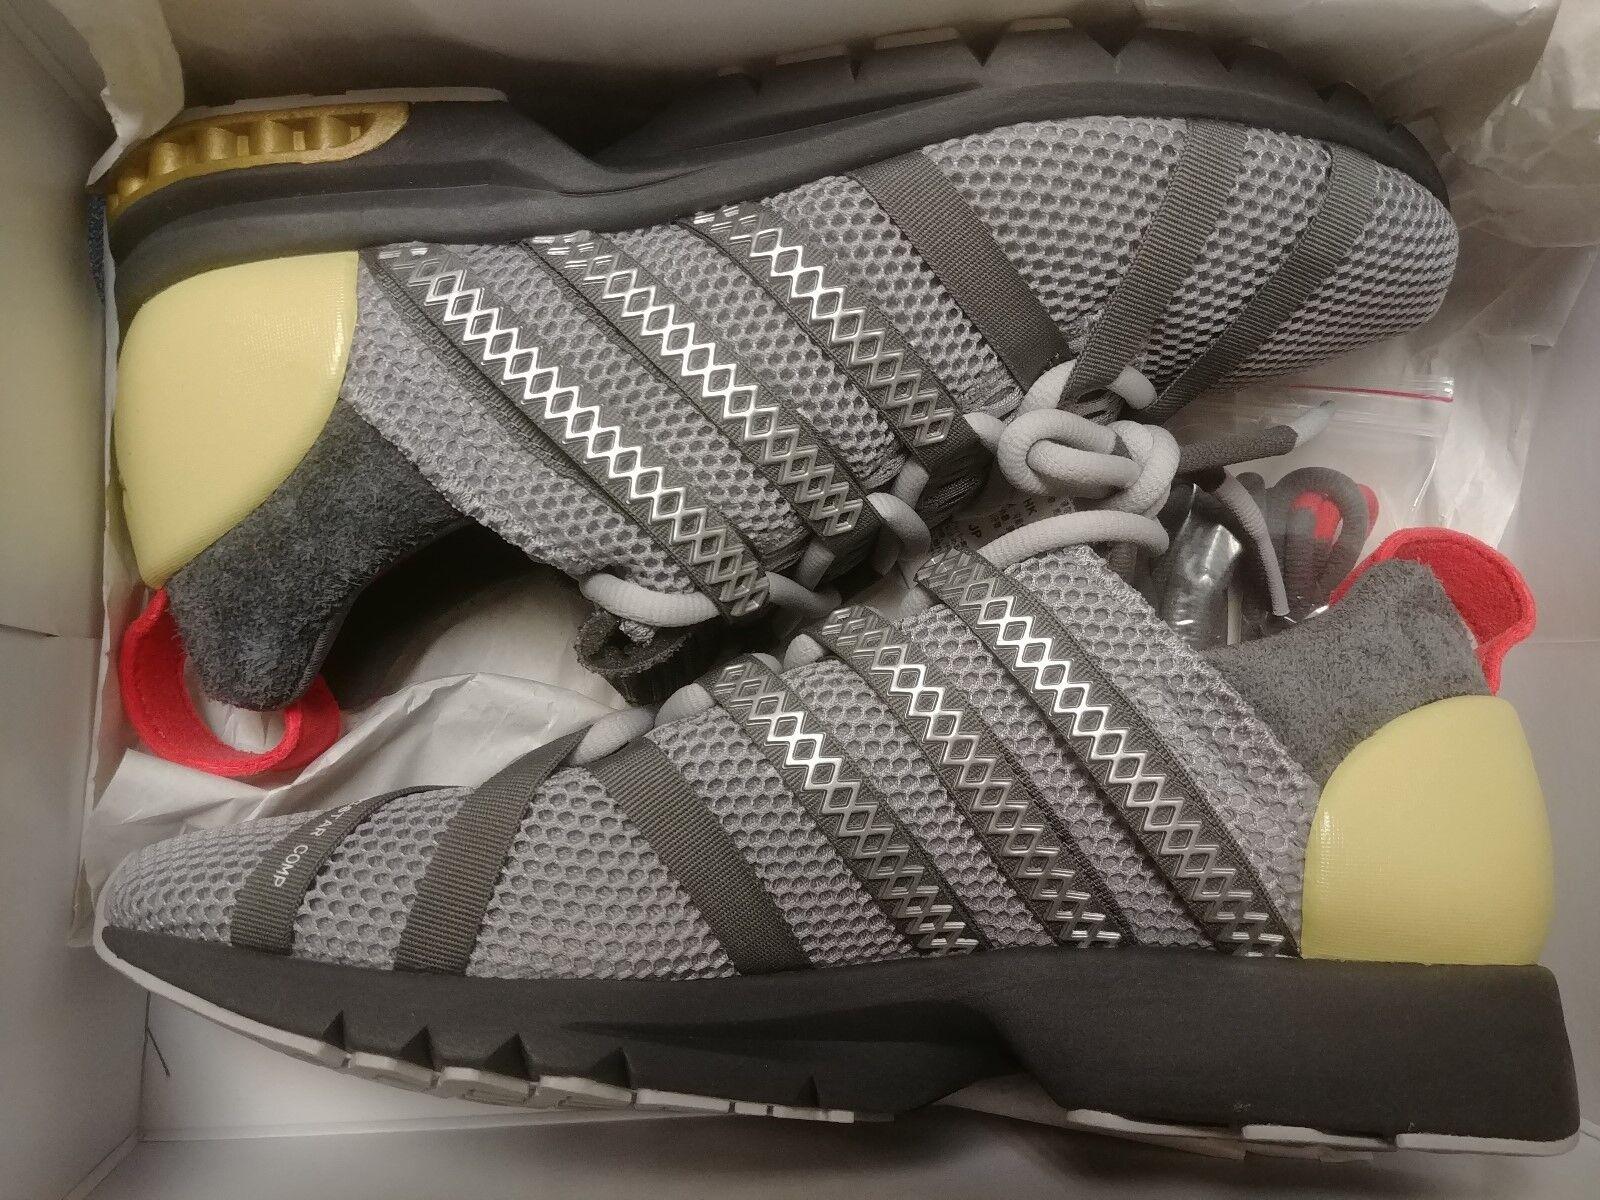 new arrival 6df87 ab4ce ... uk adidas adistar comp comp adistar a d sz 8 12 grey cq1867 cc9a30  808ab 0b60e